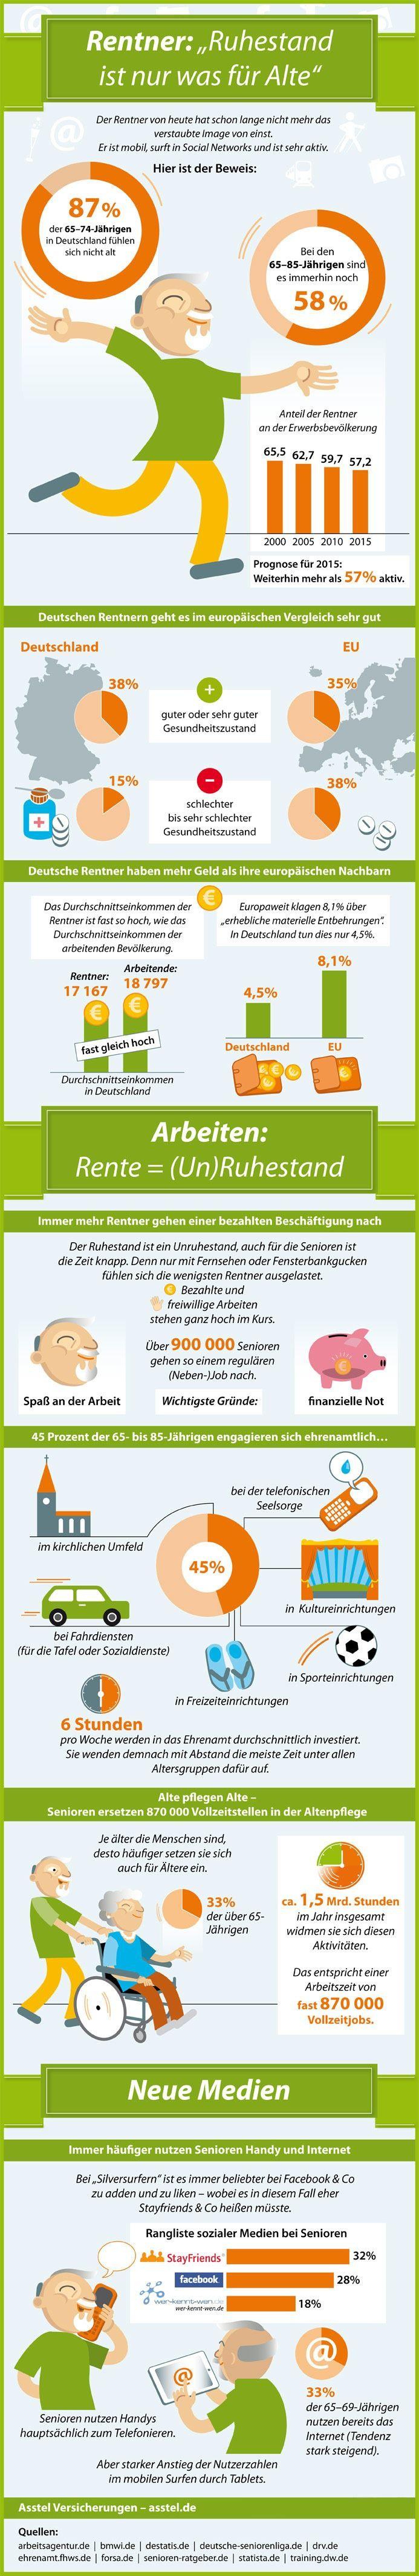 Deutsche Senioren: Rente bedeutet nicht gleich Ruhestand